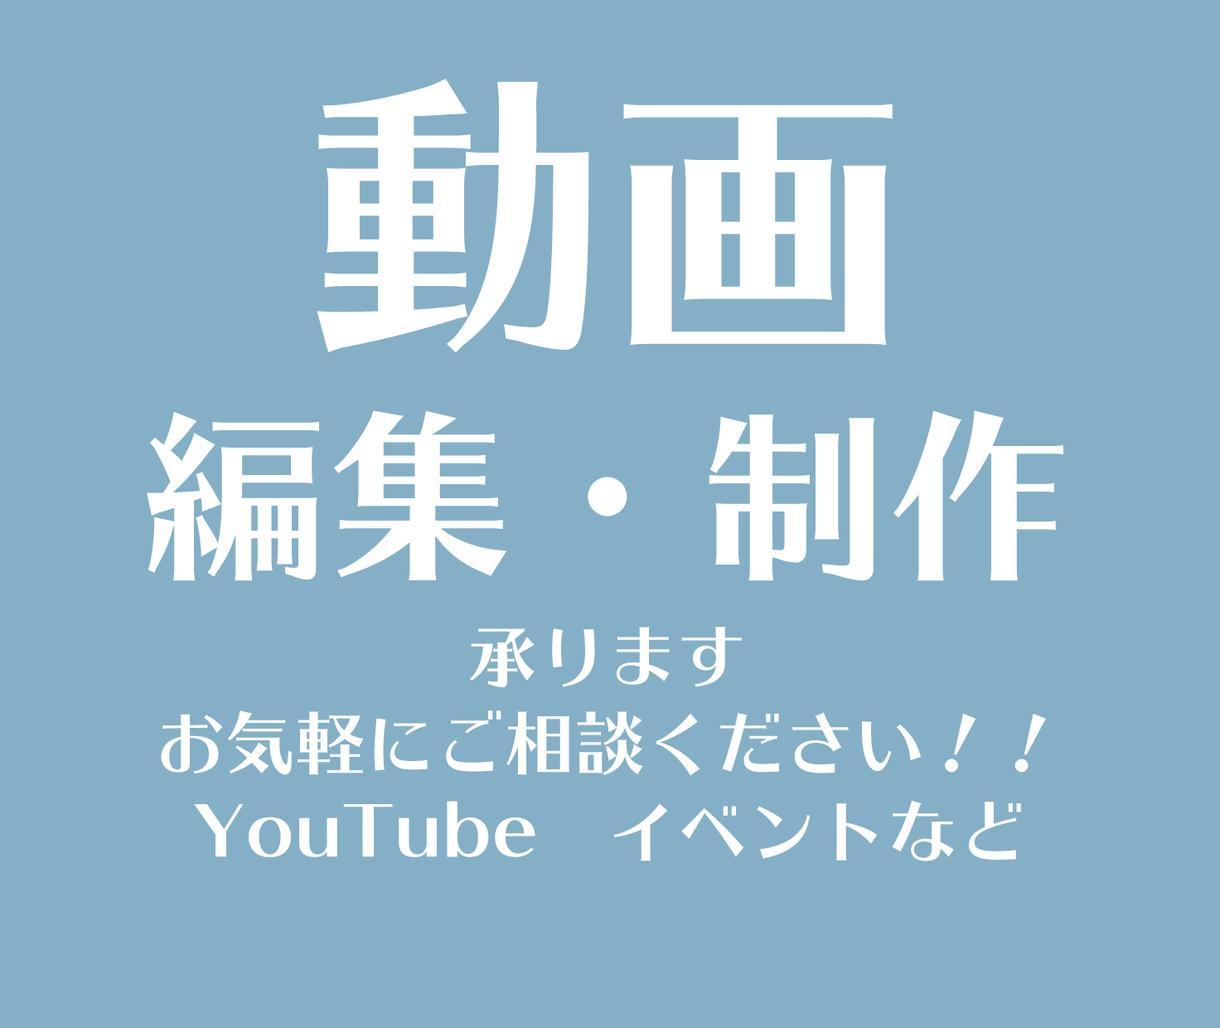 コスパ良し!Youtubeなどの動画編集します 最初の5名様まで1500円で承ります!! イメージ1